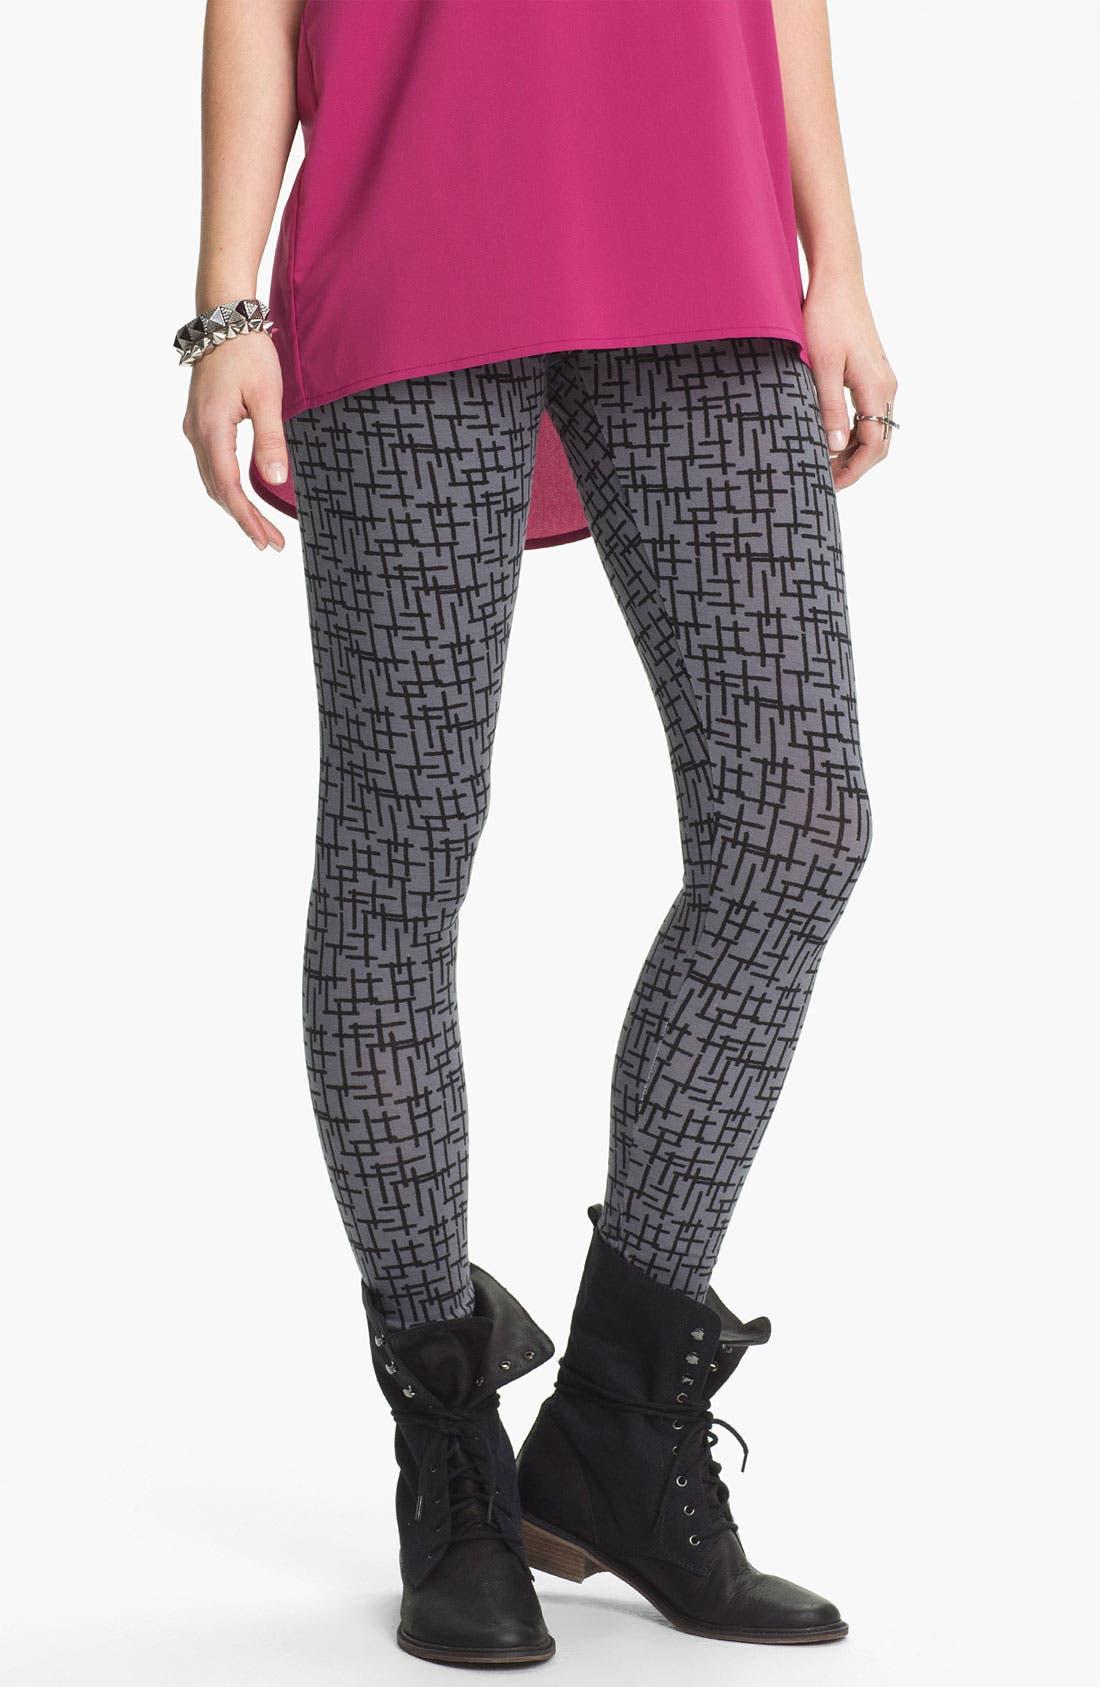 Alternate Image 1 Selected - Mimi Chica Cross Print Leggings (Juniors)